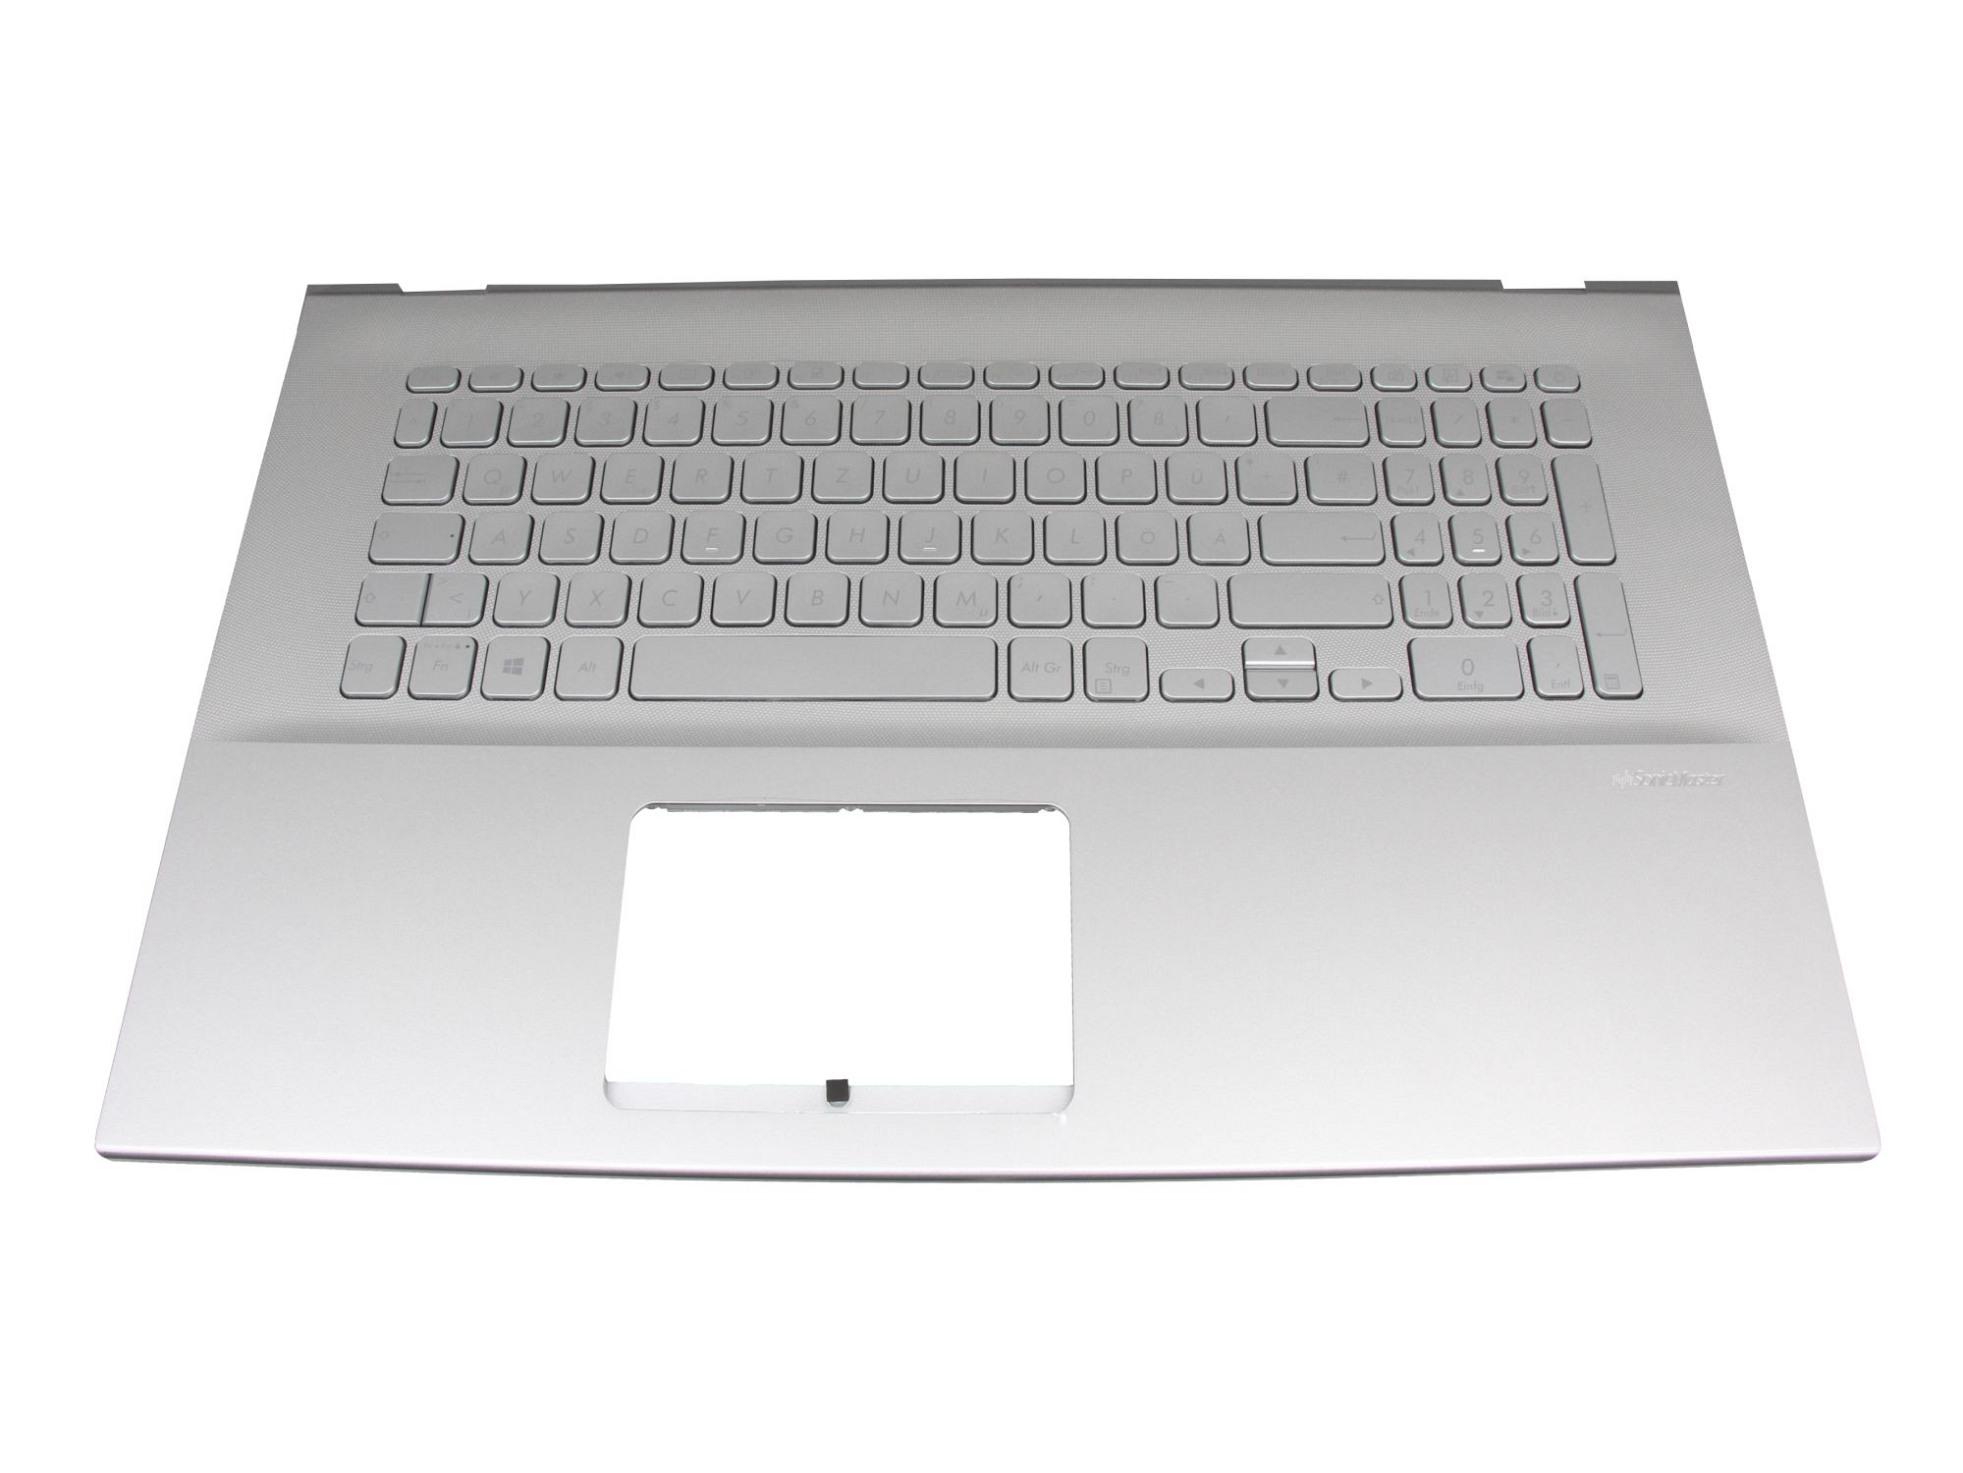 Tastatur Asus Business P1701FA Serie